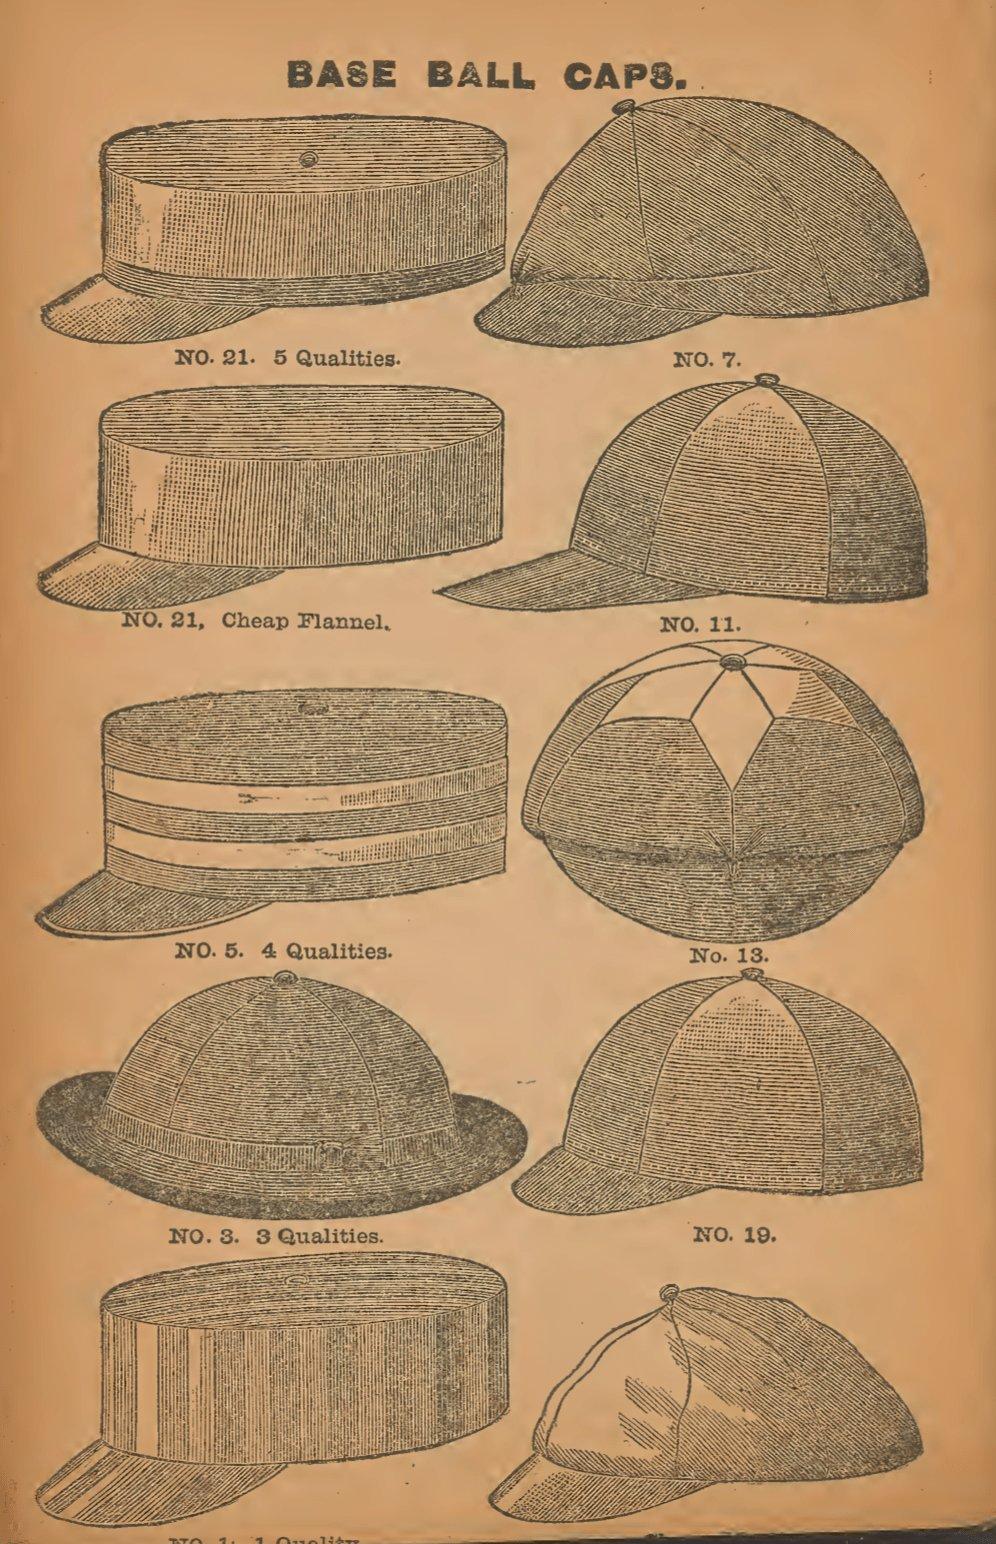 Les casquettes de baseball en 1888 - Guide Spalding